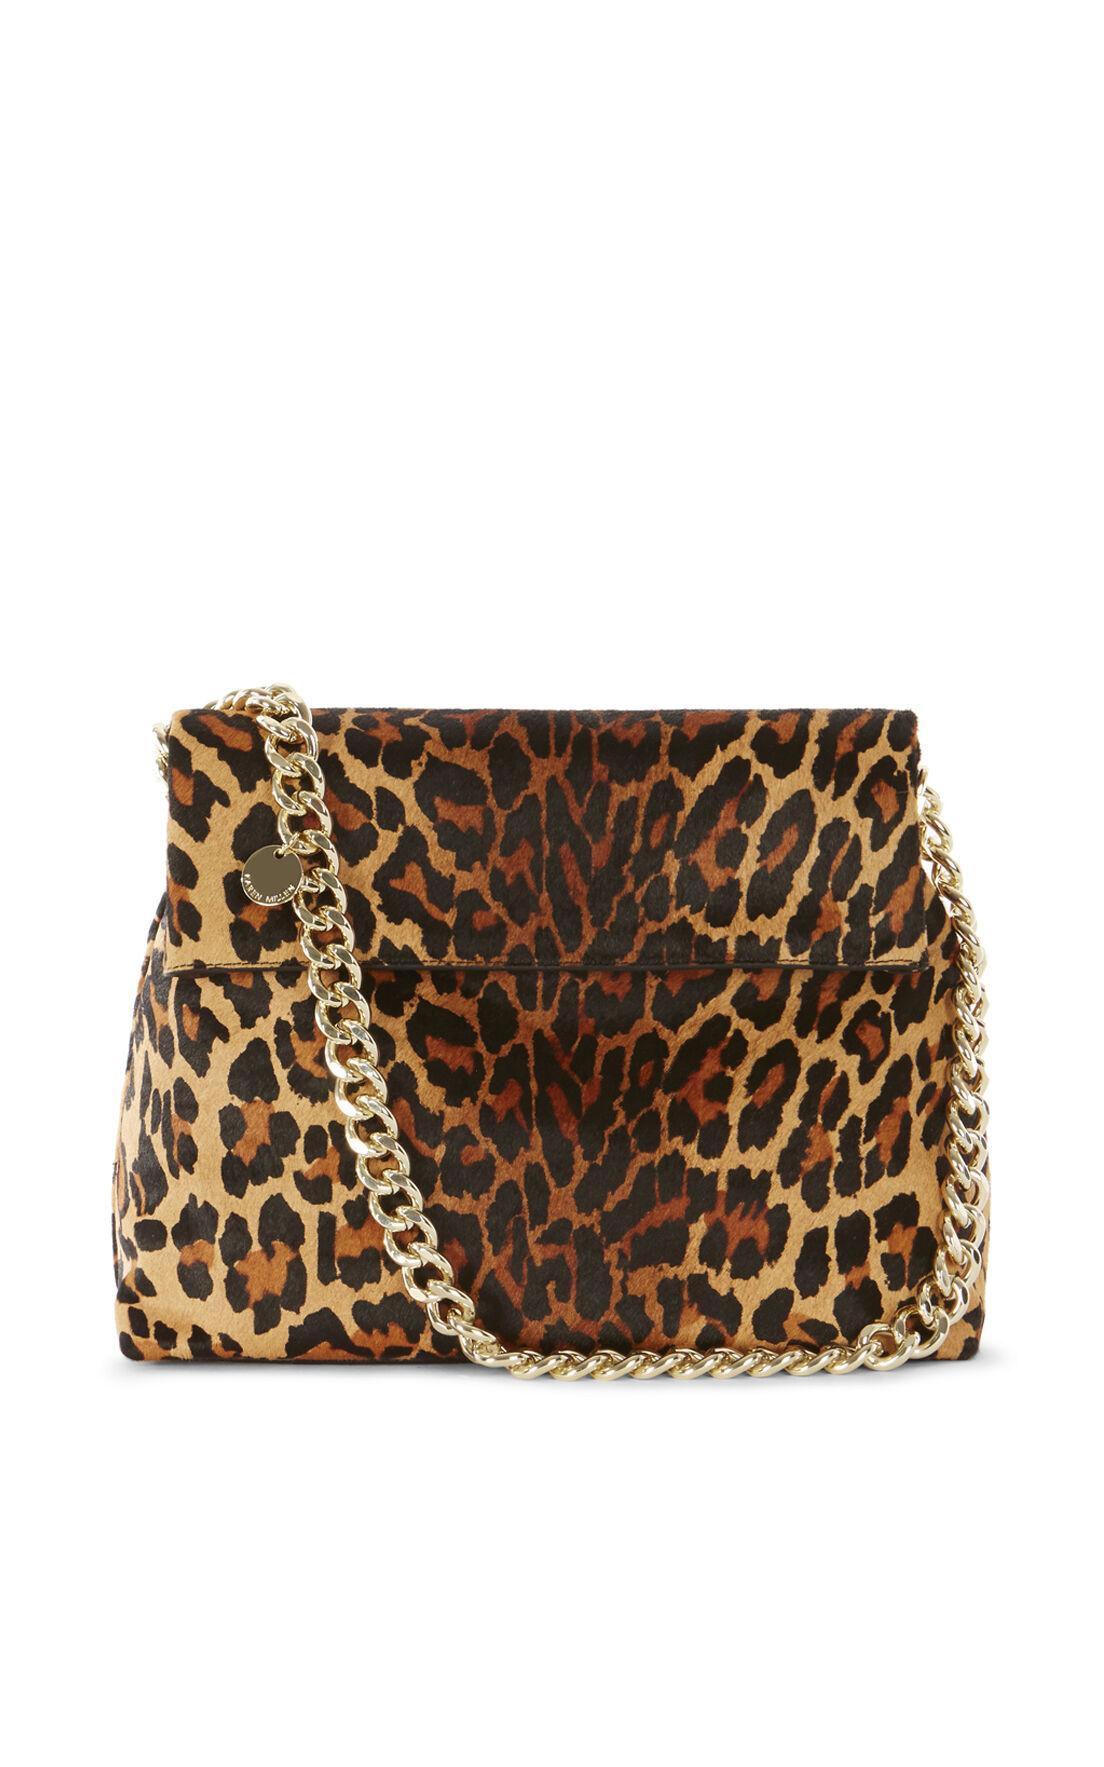 Karen Millen, REGENT SUEDE AND LEATHER BAG Leopard Print 0